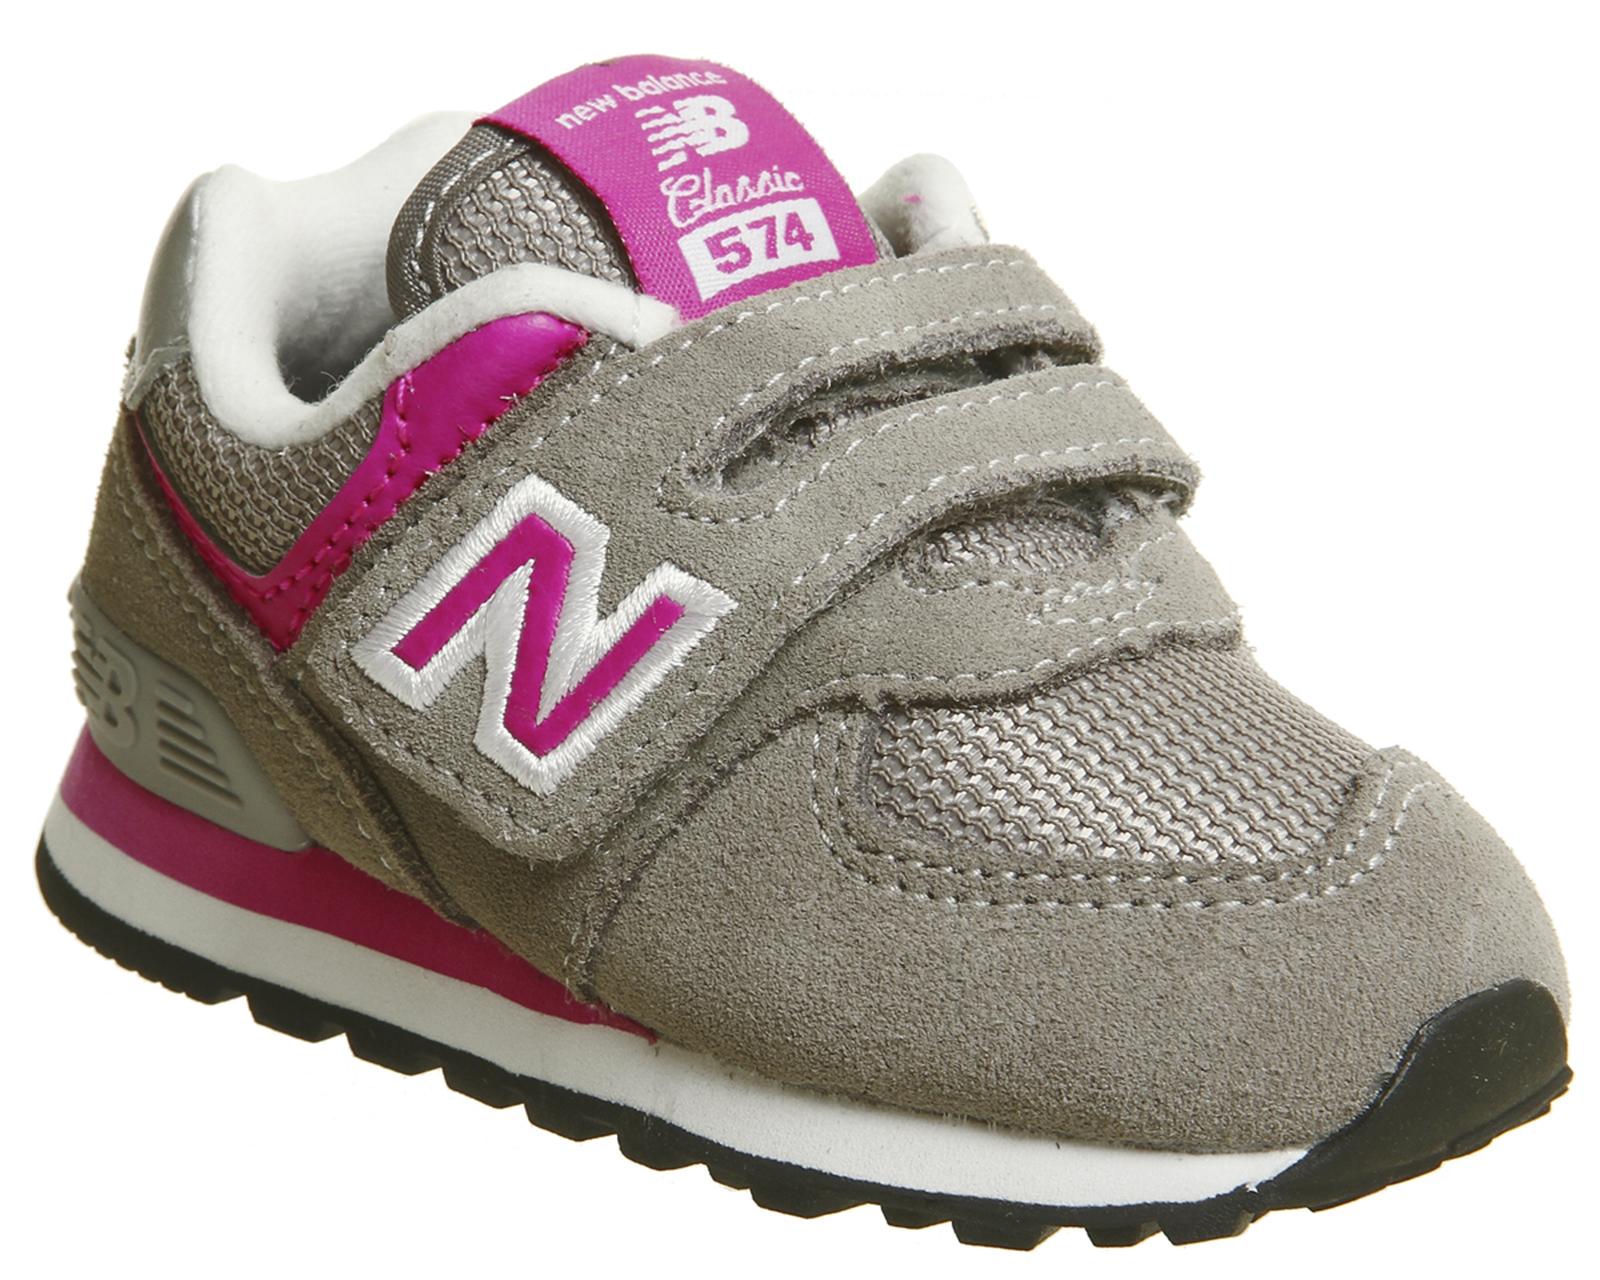 bffcc09013 SENTINEL Bambini nuovi equilibrio 574 neonato grigio grigio rosa bambini